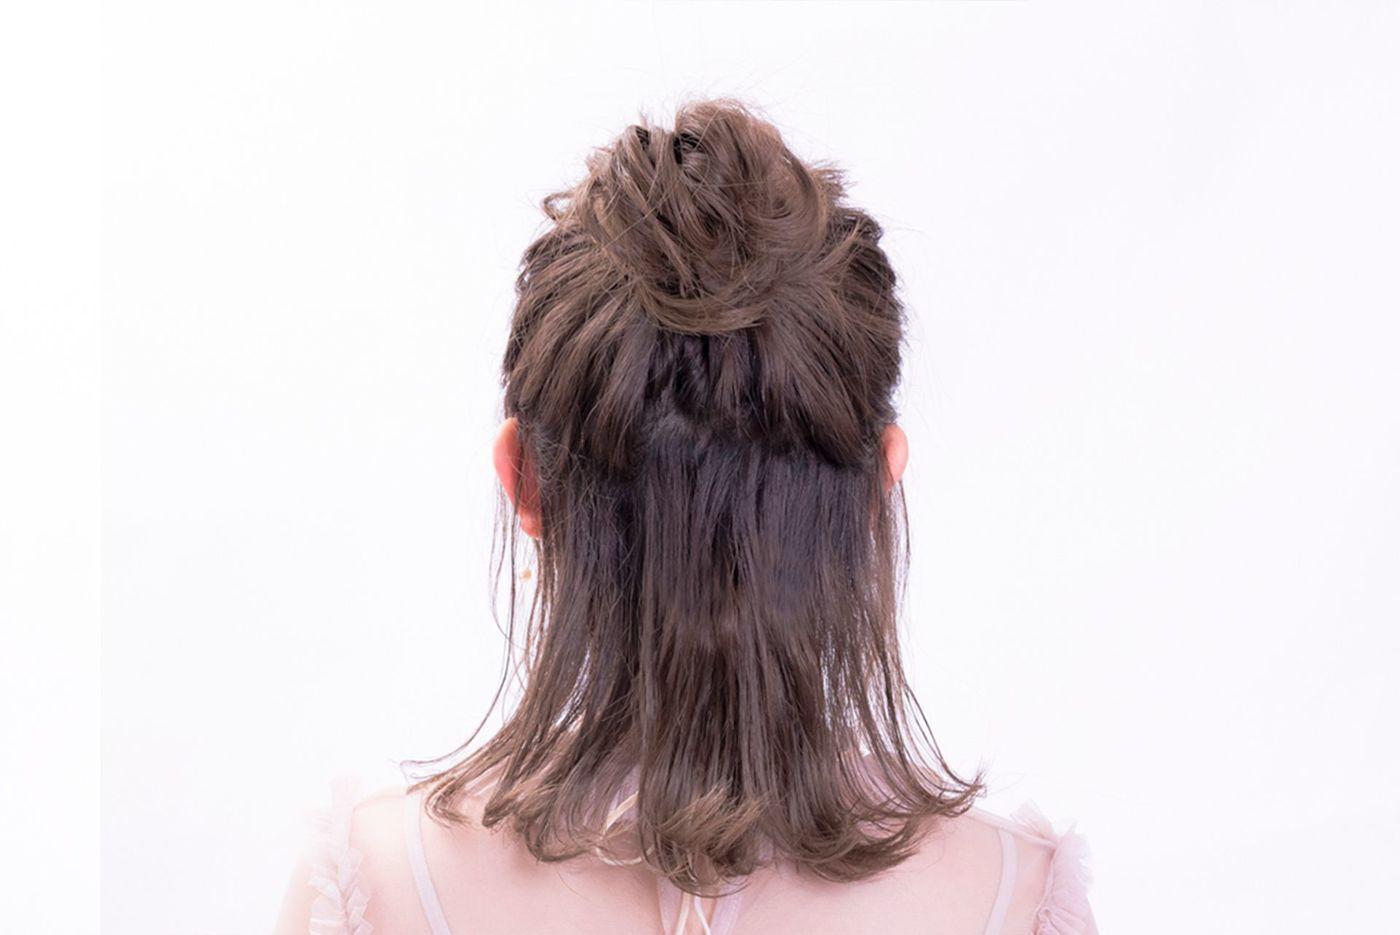 外ハネヘアでイマドキこなれヘアを目指せ♡作り方&アレンジ特集の11枚目の画像